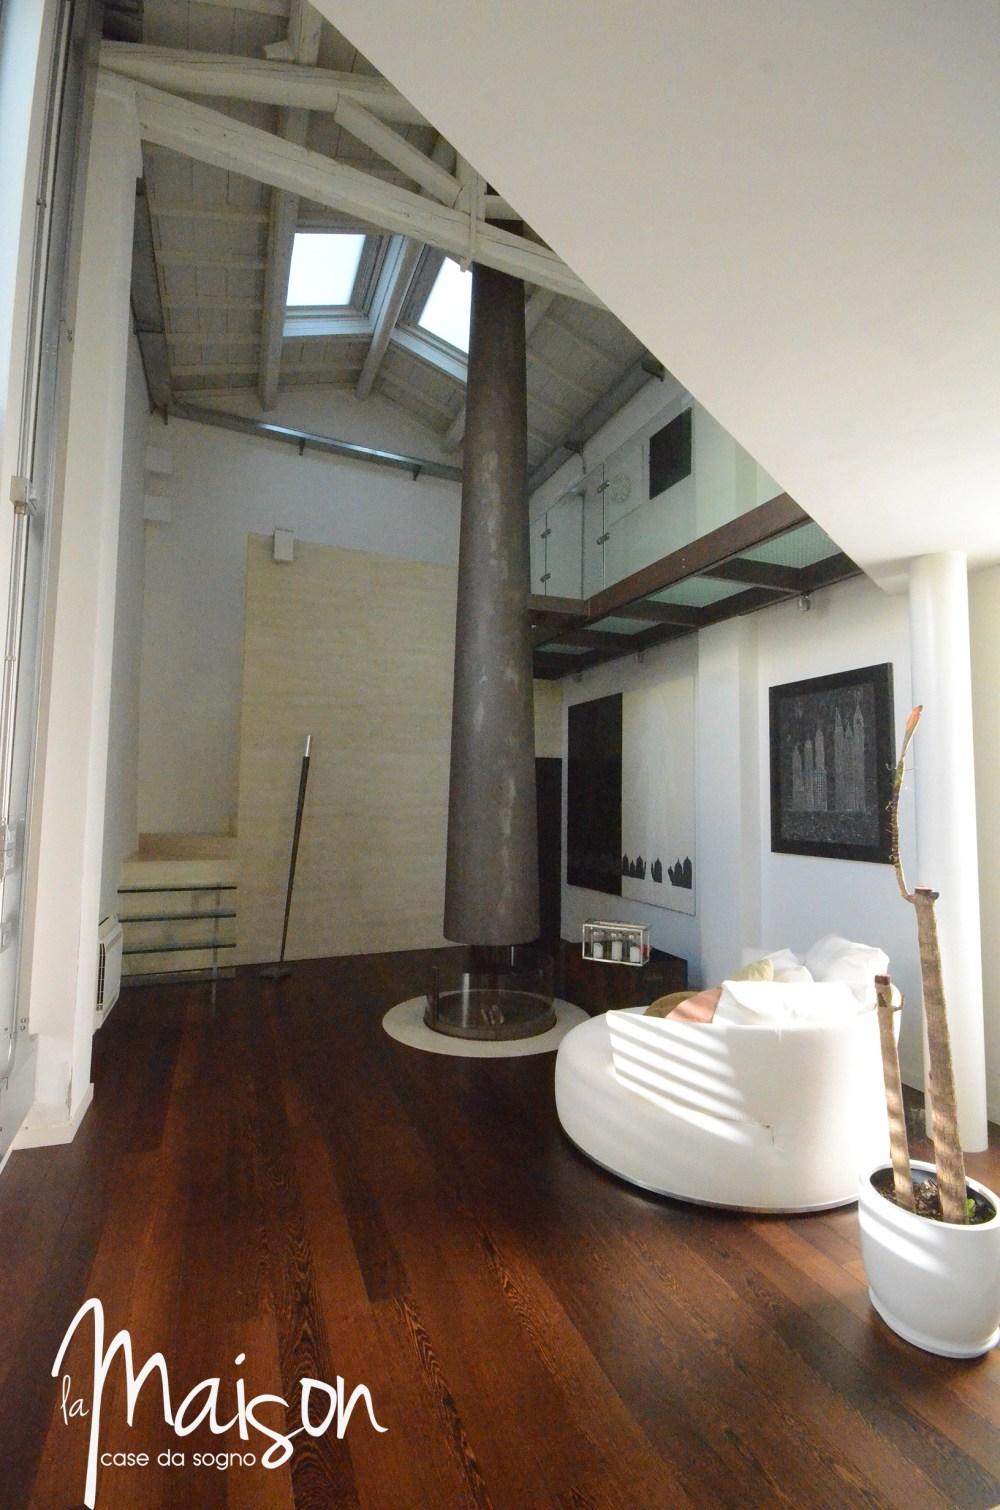 loft in vendita a prato case vendita prato studio immobiliare santa lucia agenzia immobiliare la maison case da sogno prato loft con giardino11.JPG